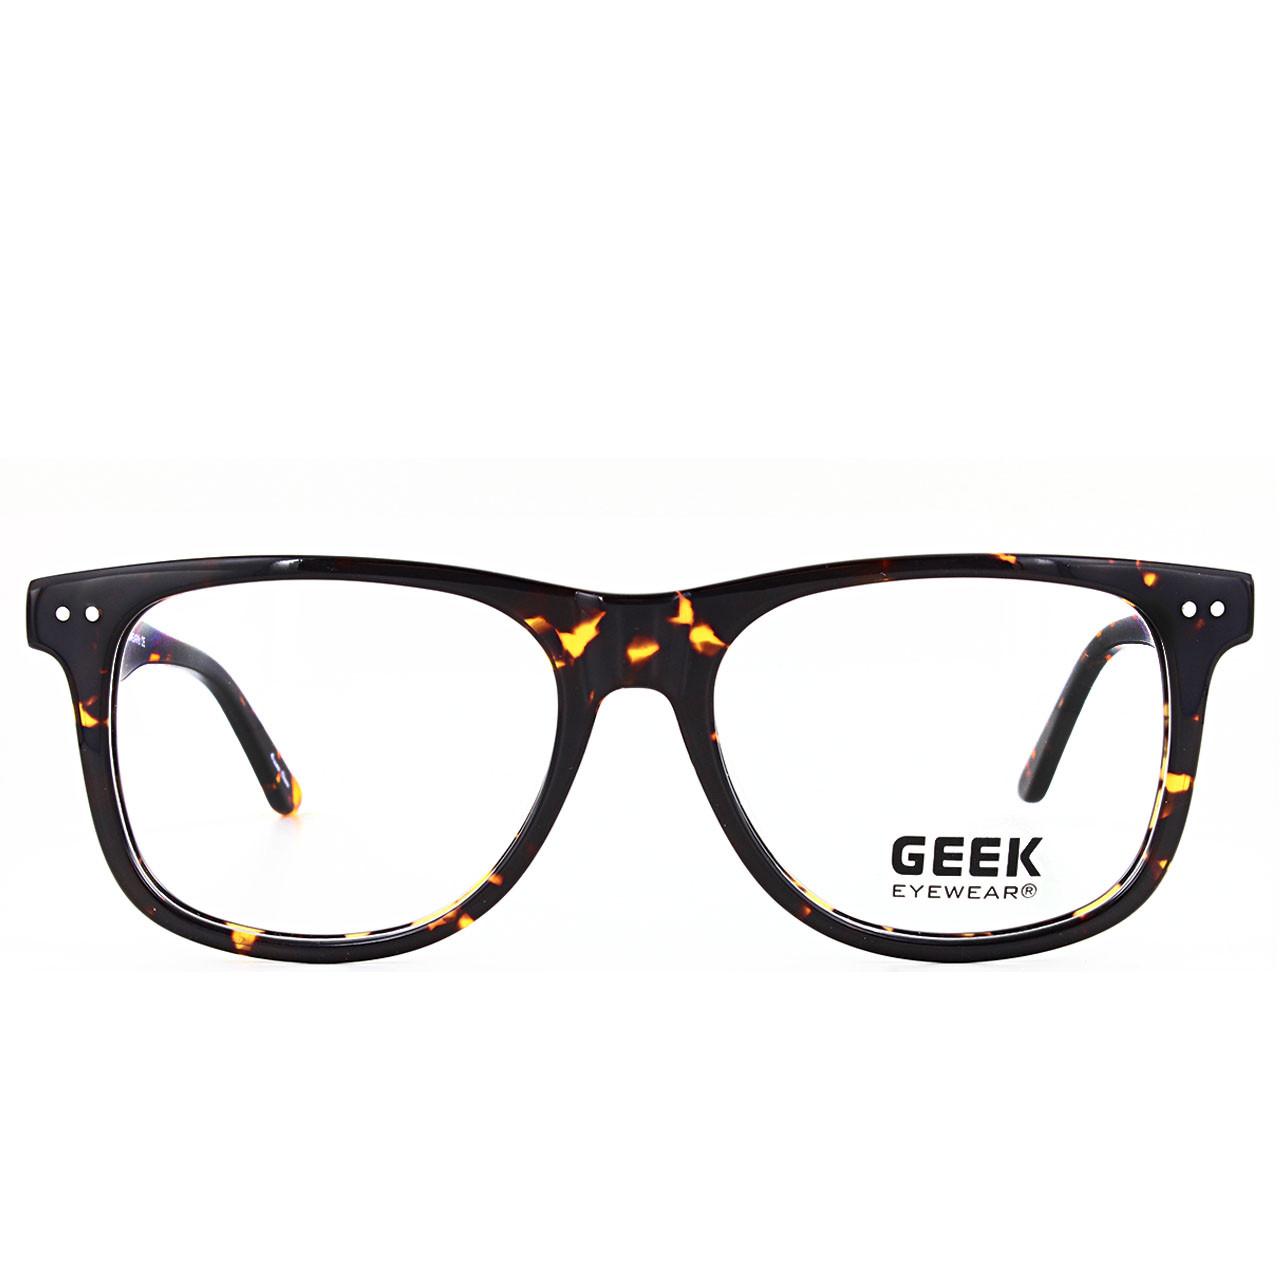 GEEK Eyewear GEEK WAVE Black or Tortoise